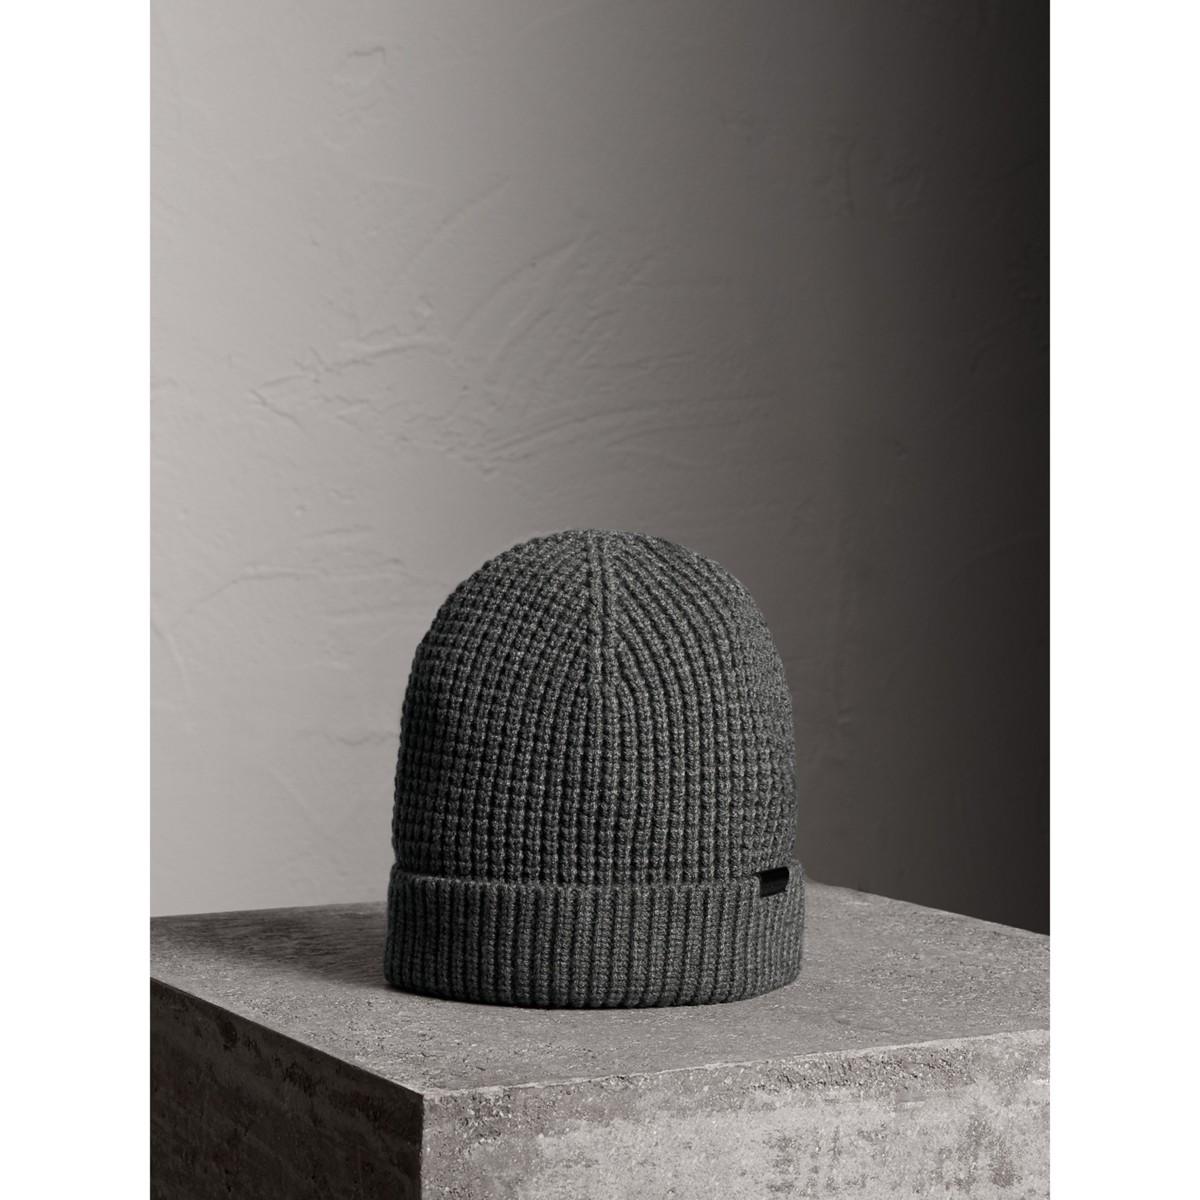 295b85f67 Buy burberry gloves for men - Best men's burberry gloves shop ...